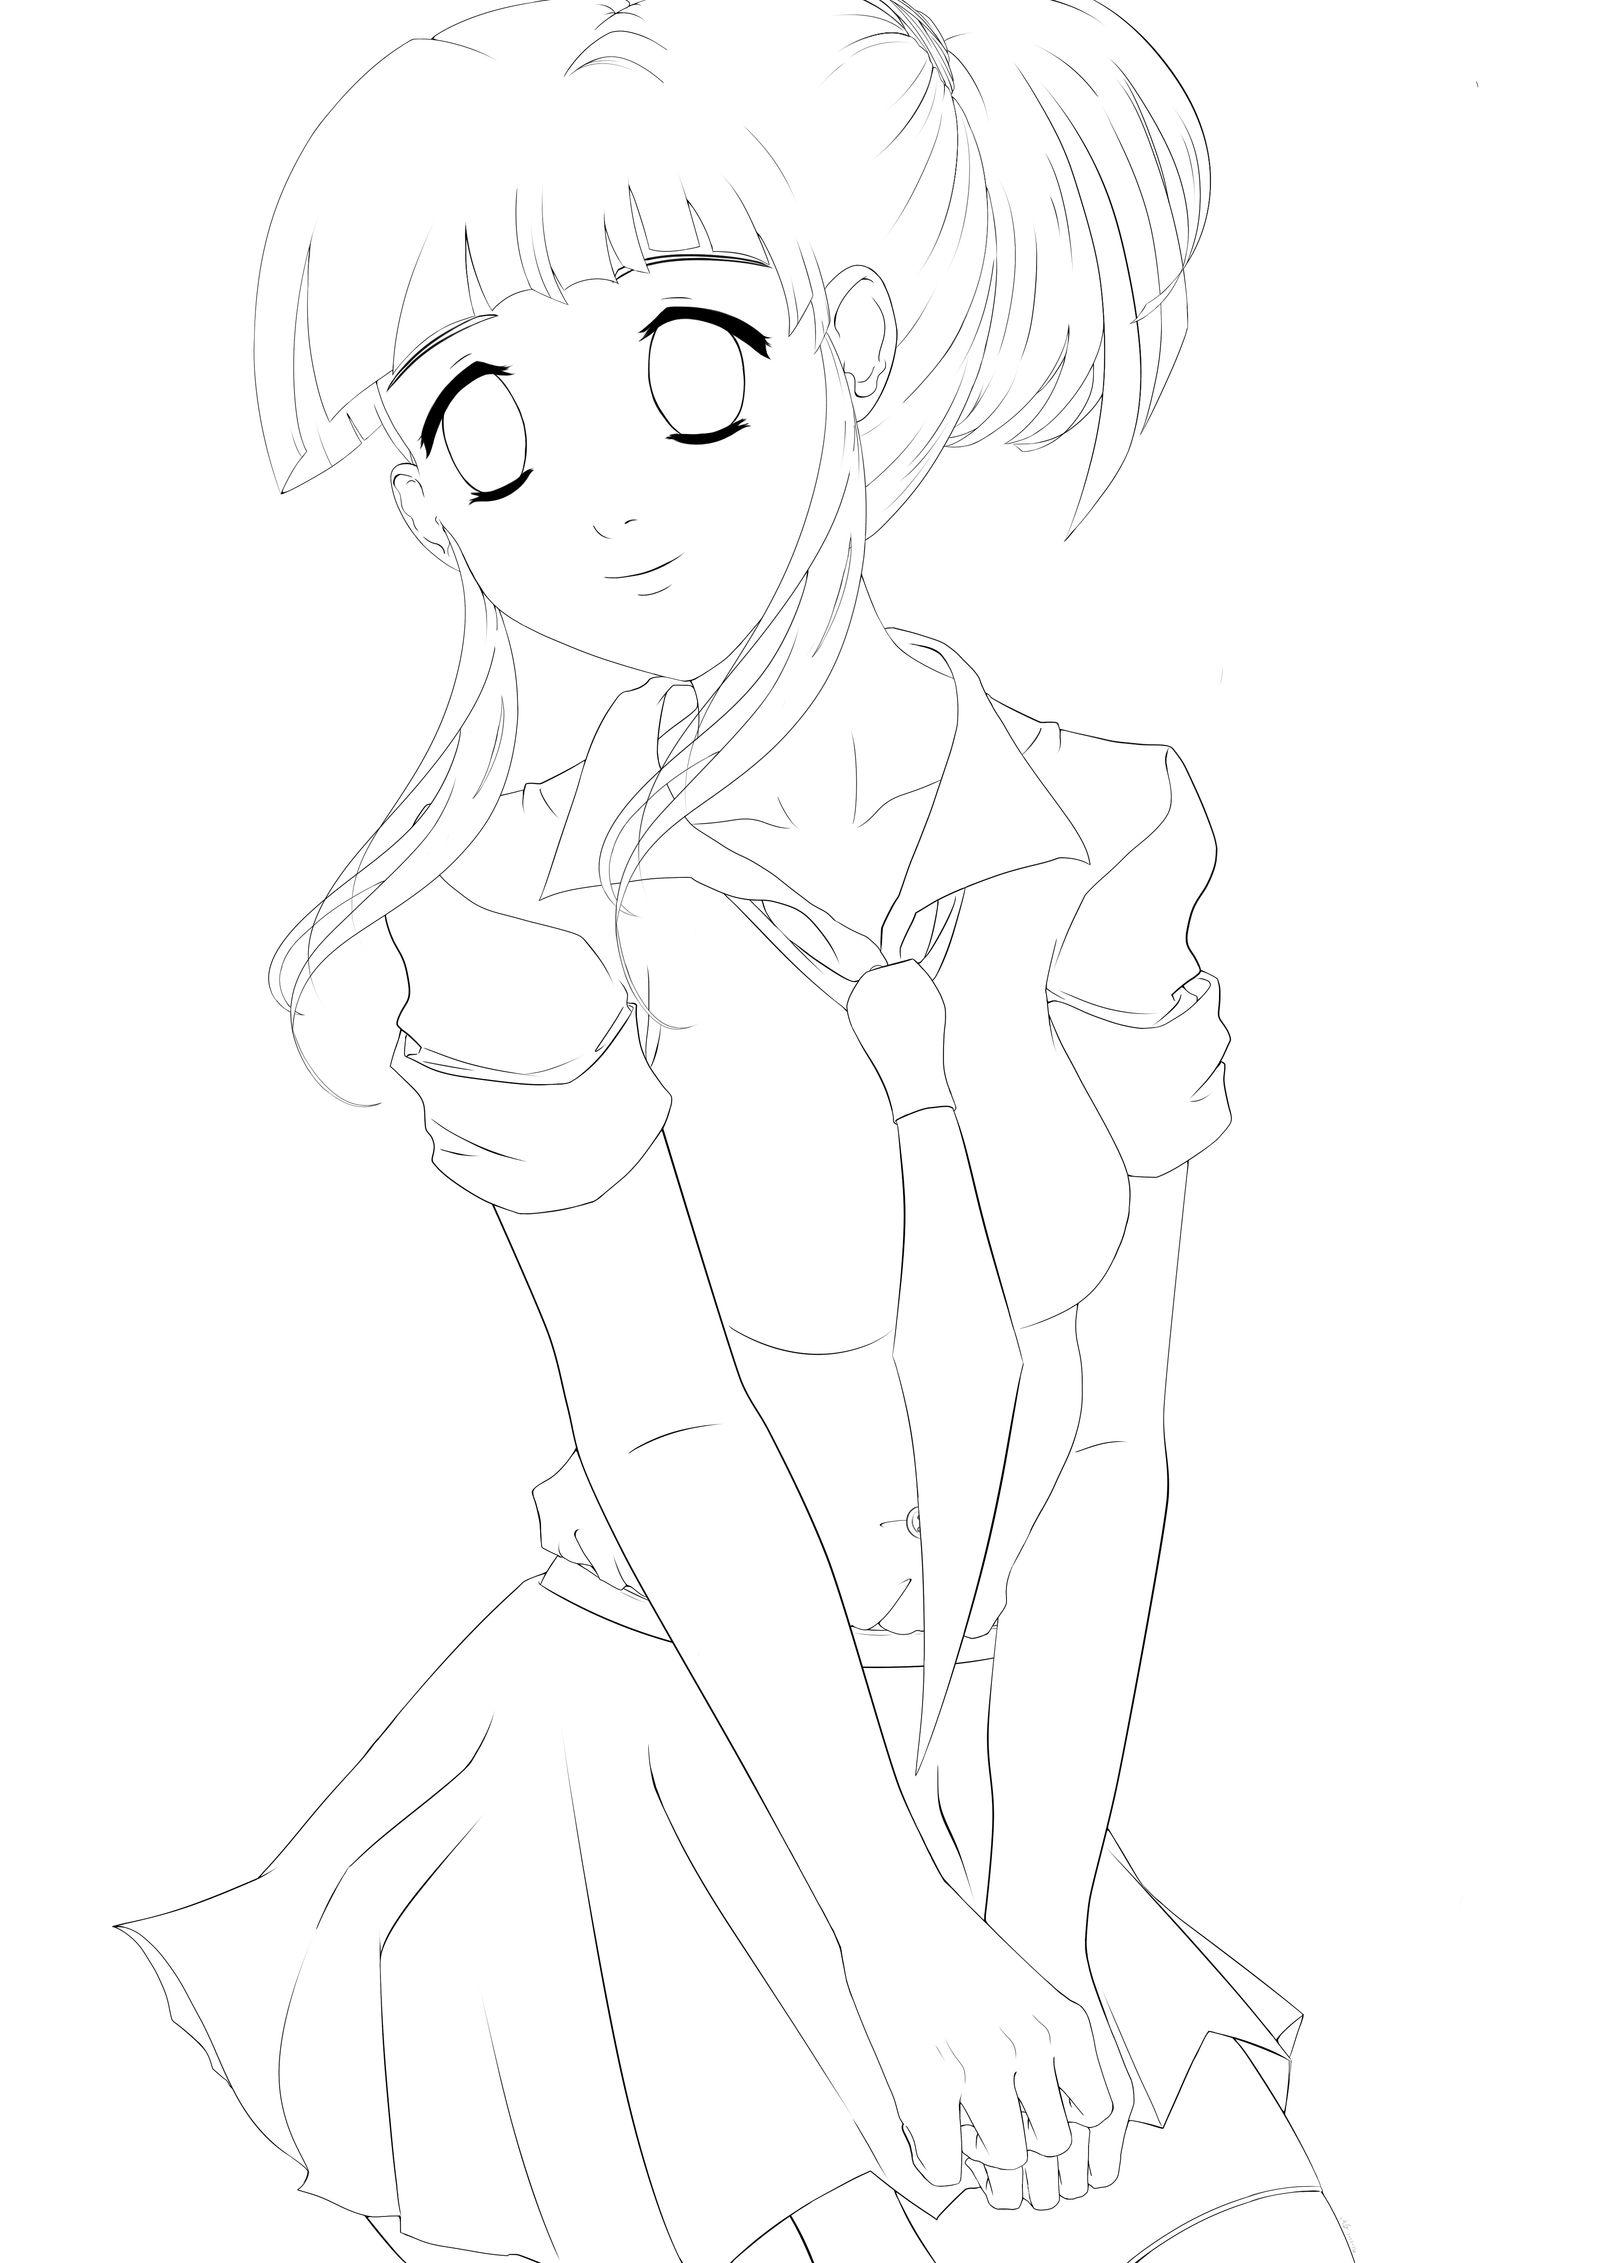 Anime Girl - Outline by UnderHisLight on DeviantArt